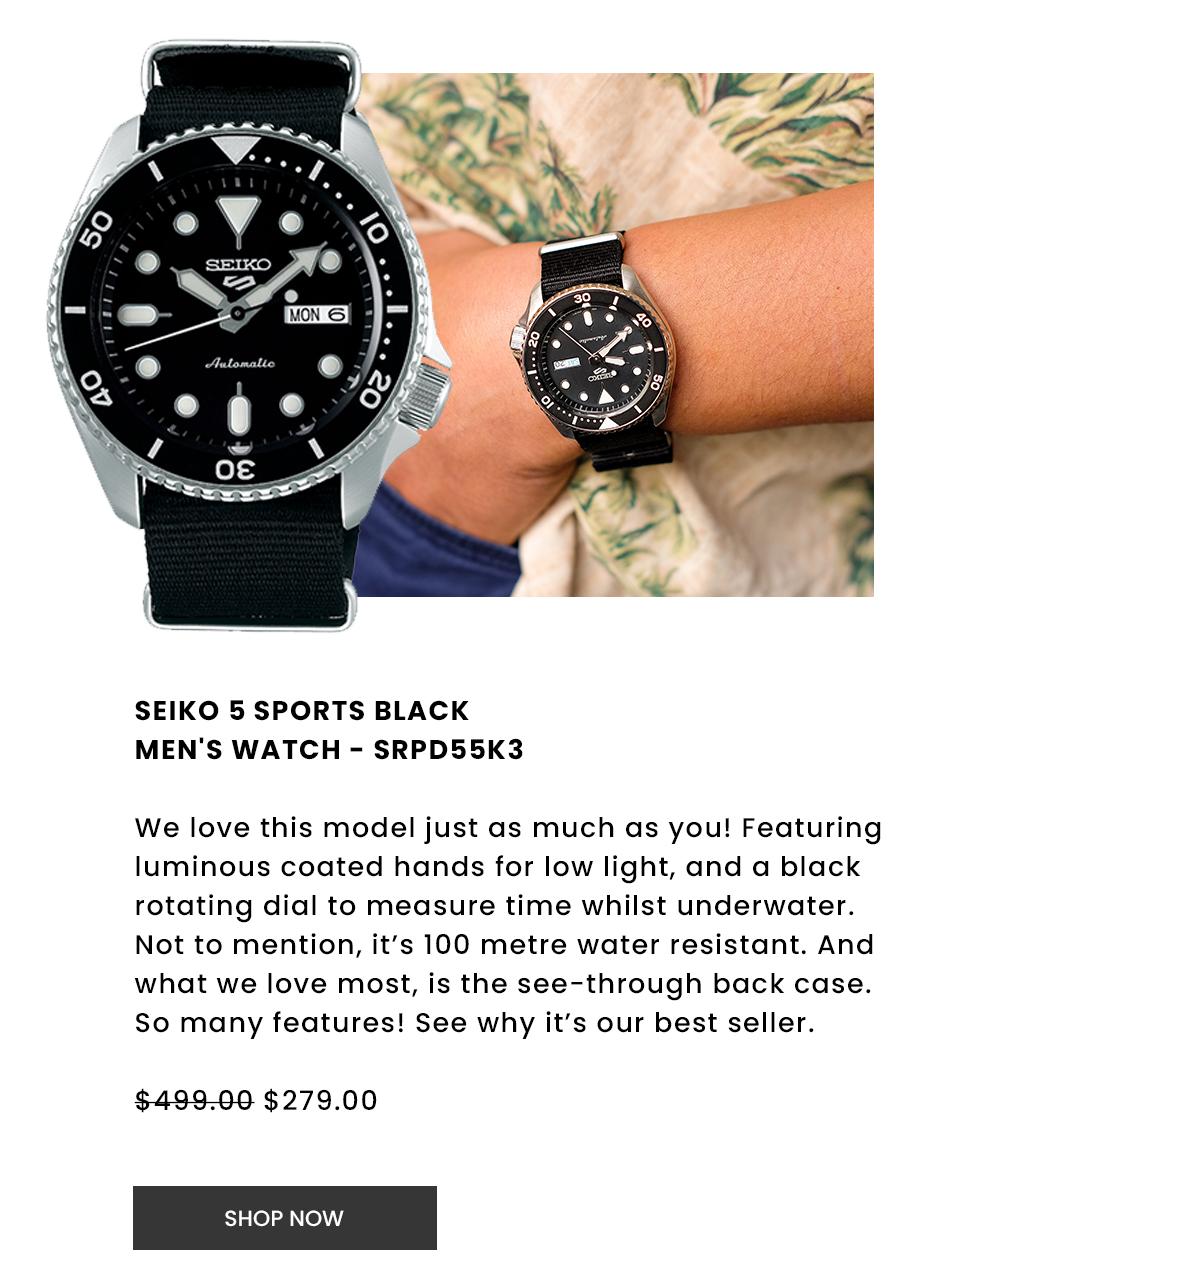 Seiko 5 Sports Black Men's Watch. Shop Now.